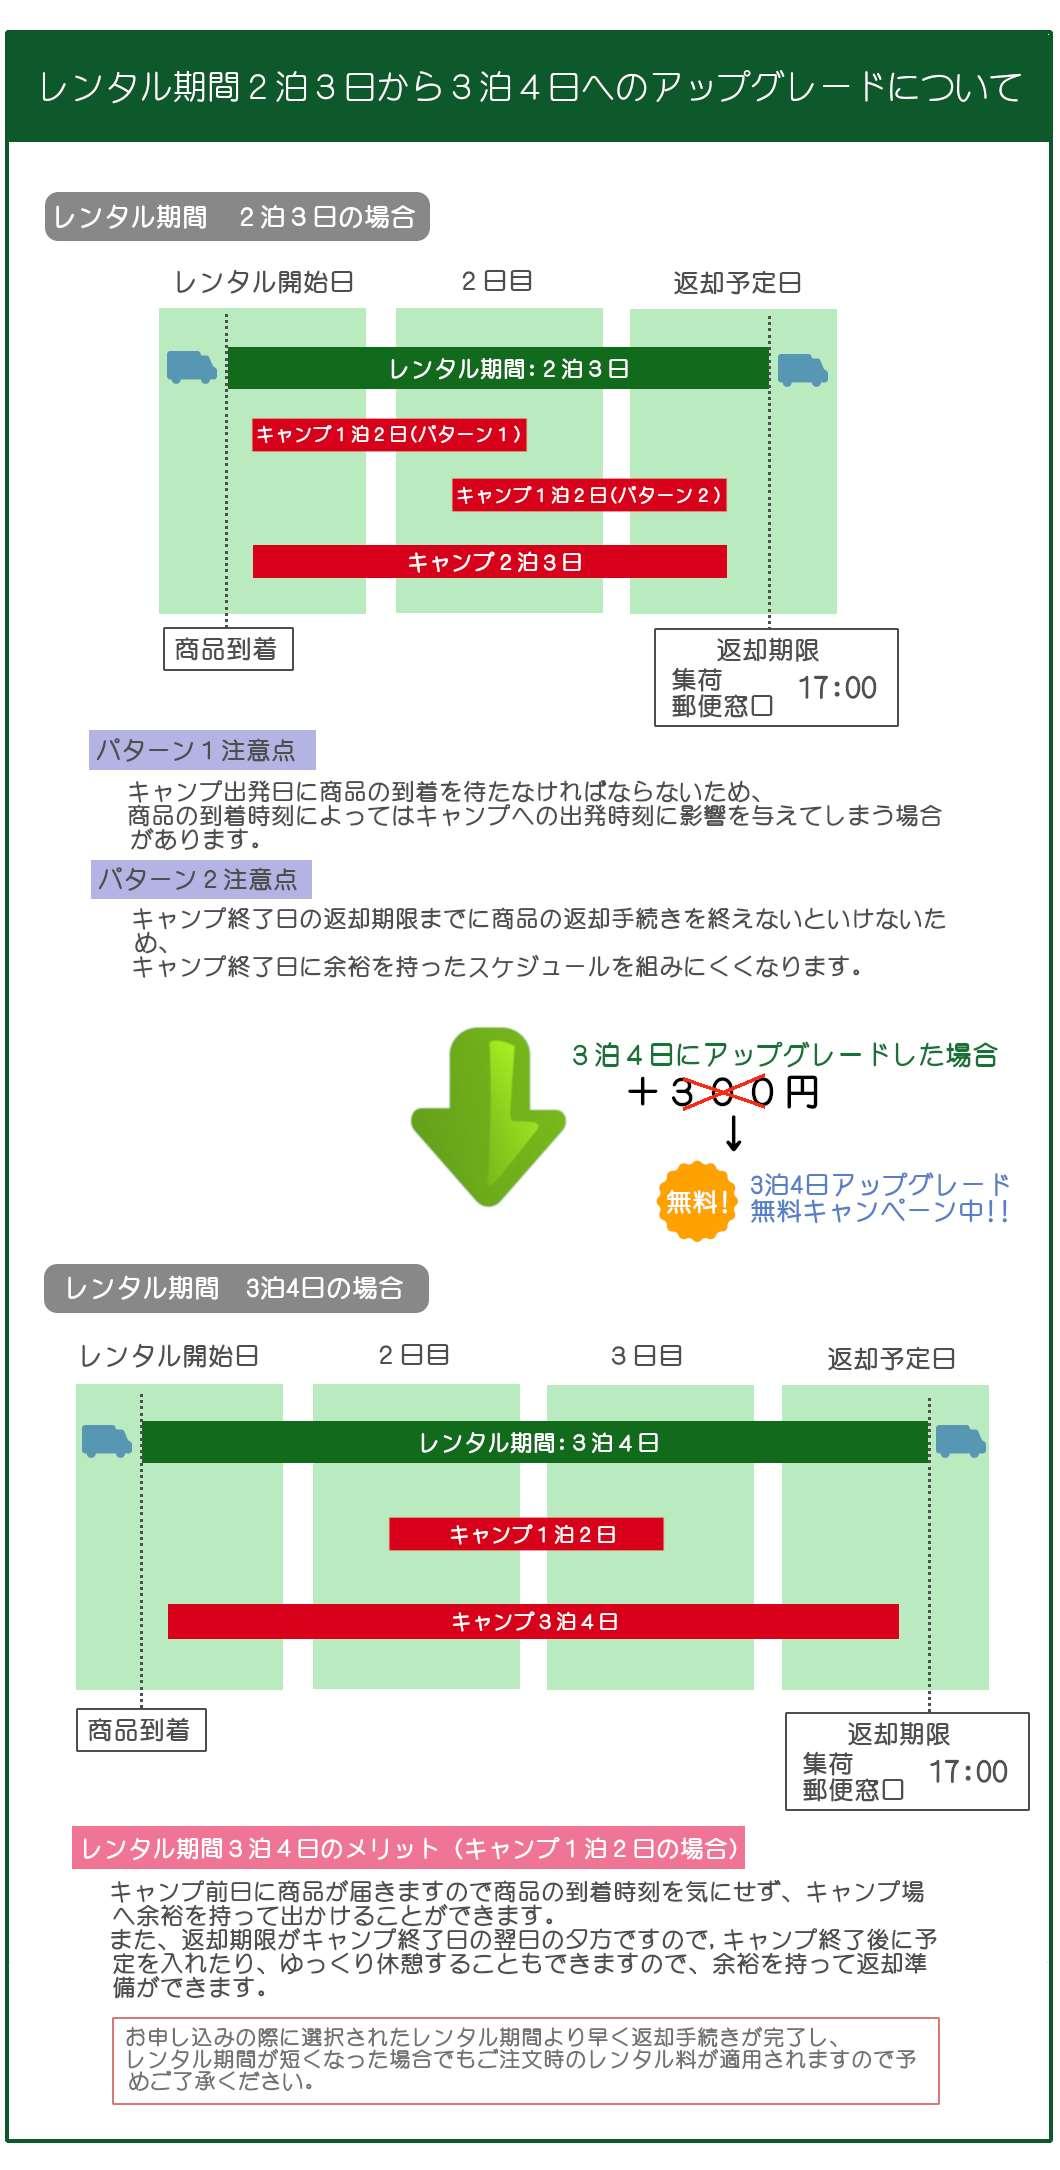 レンタル期間の延長について(2泊3日から3泊4日への延長について)追加300円で延長が可能です。